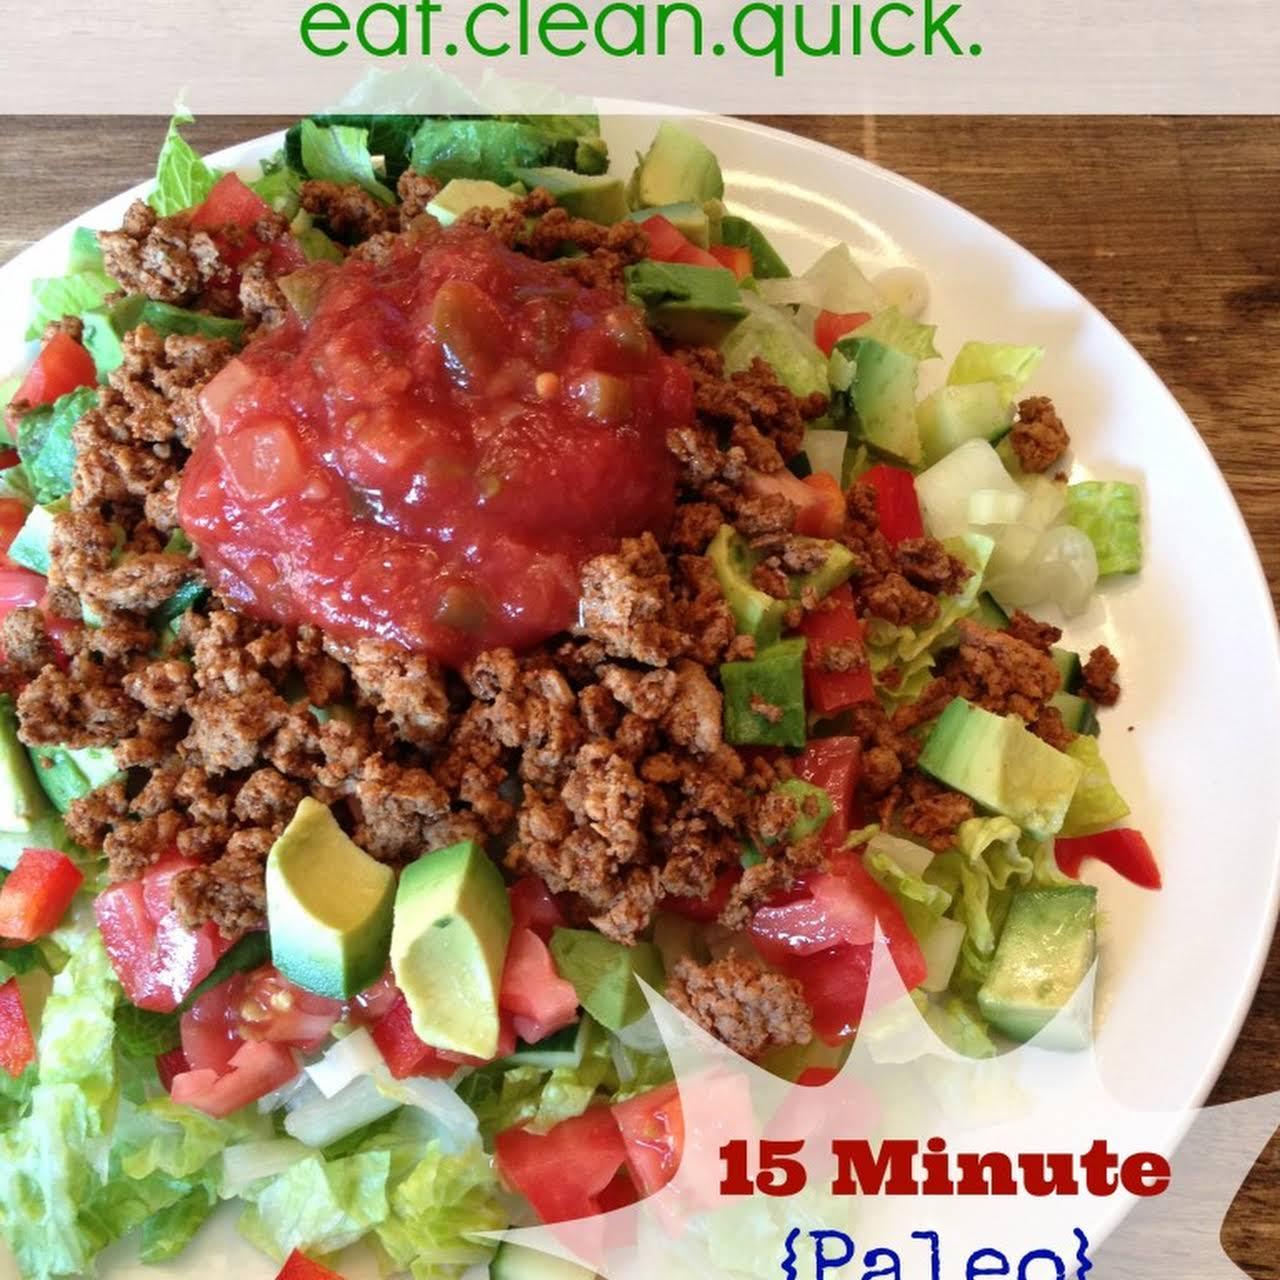 15 Minute Paleo Tacos & Taco Seasoning